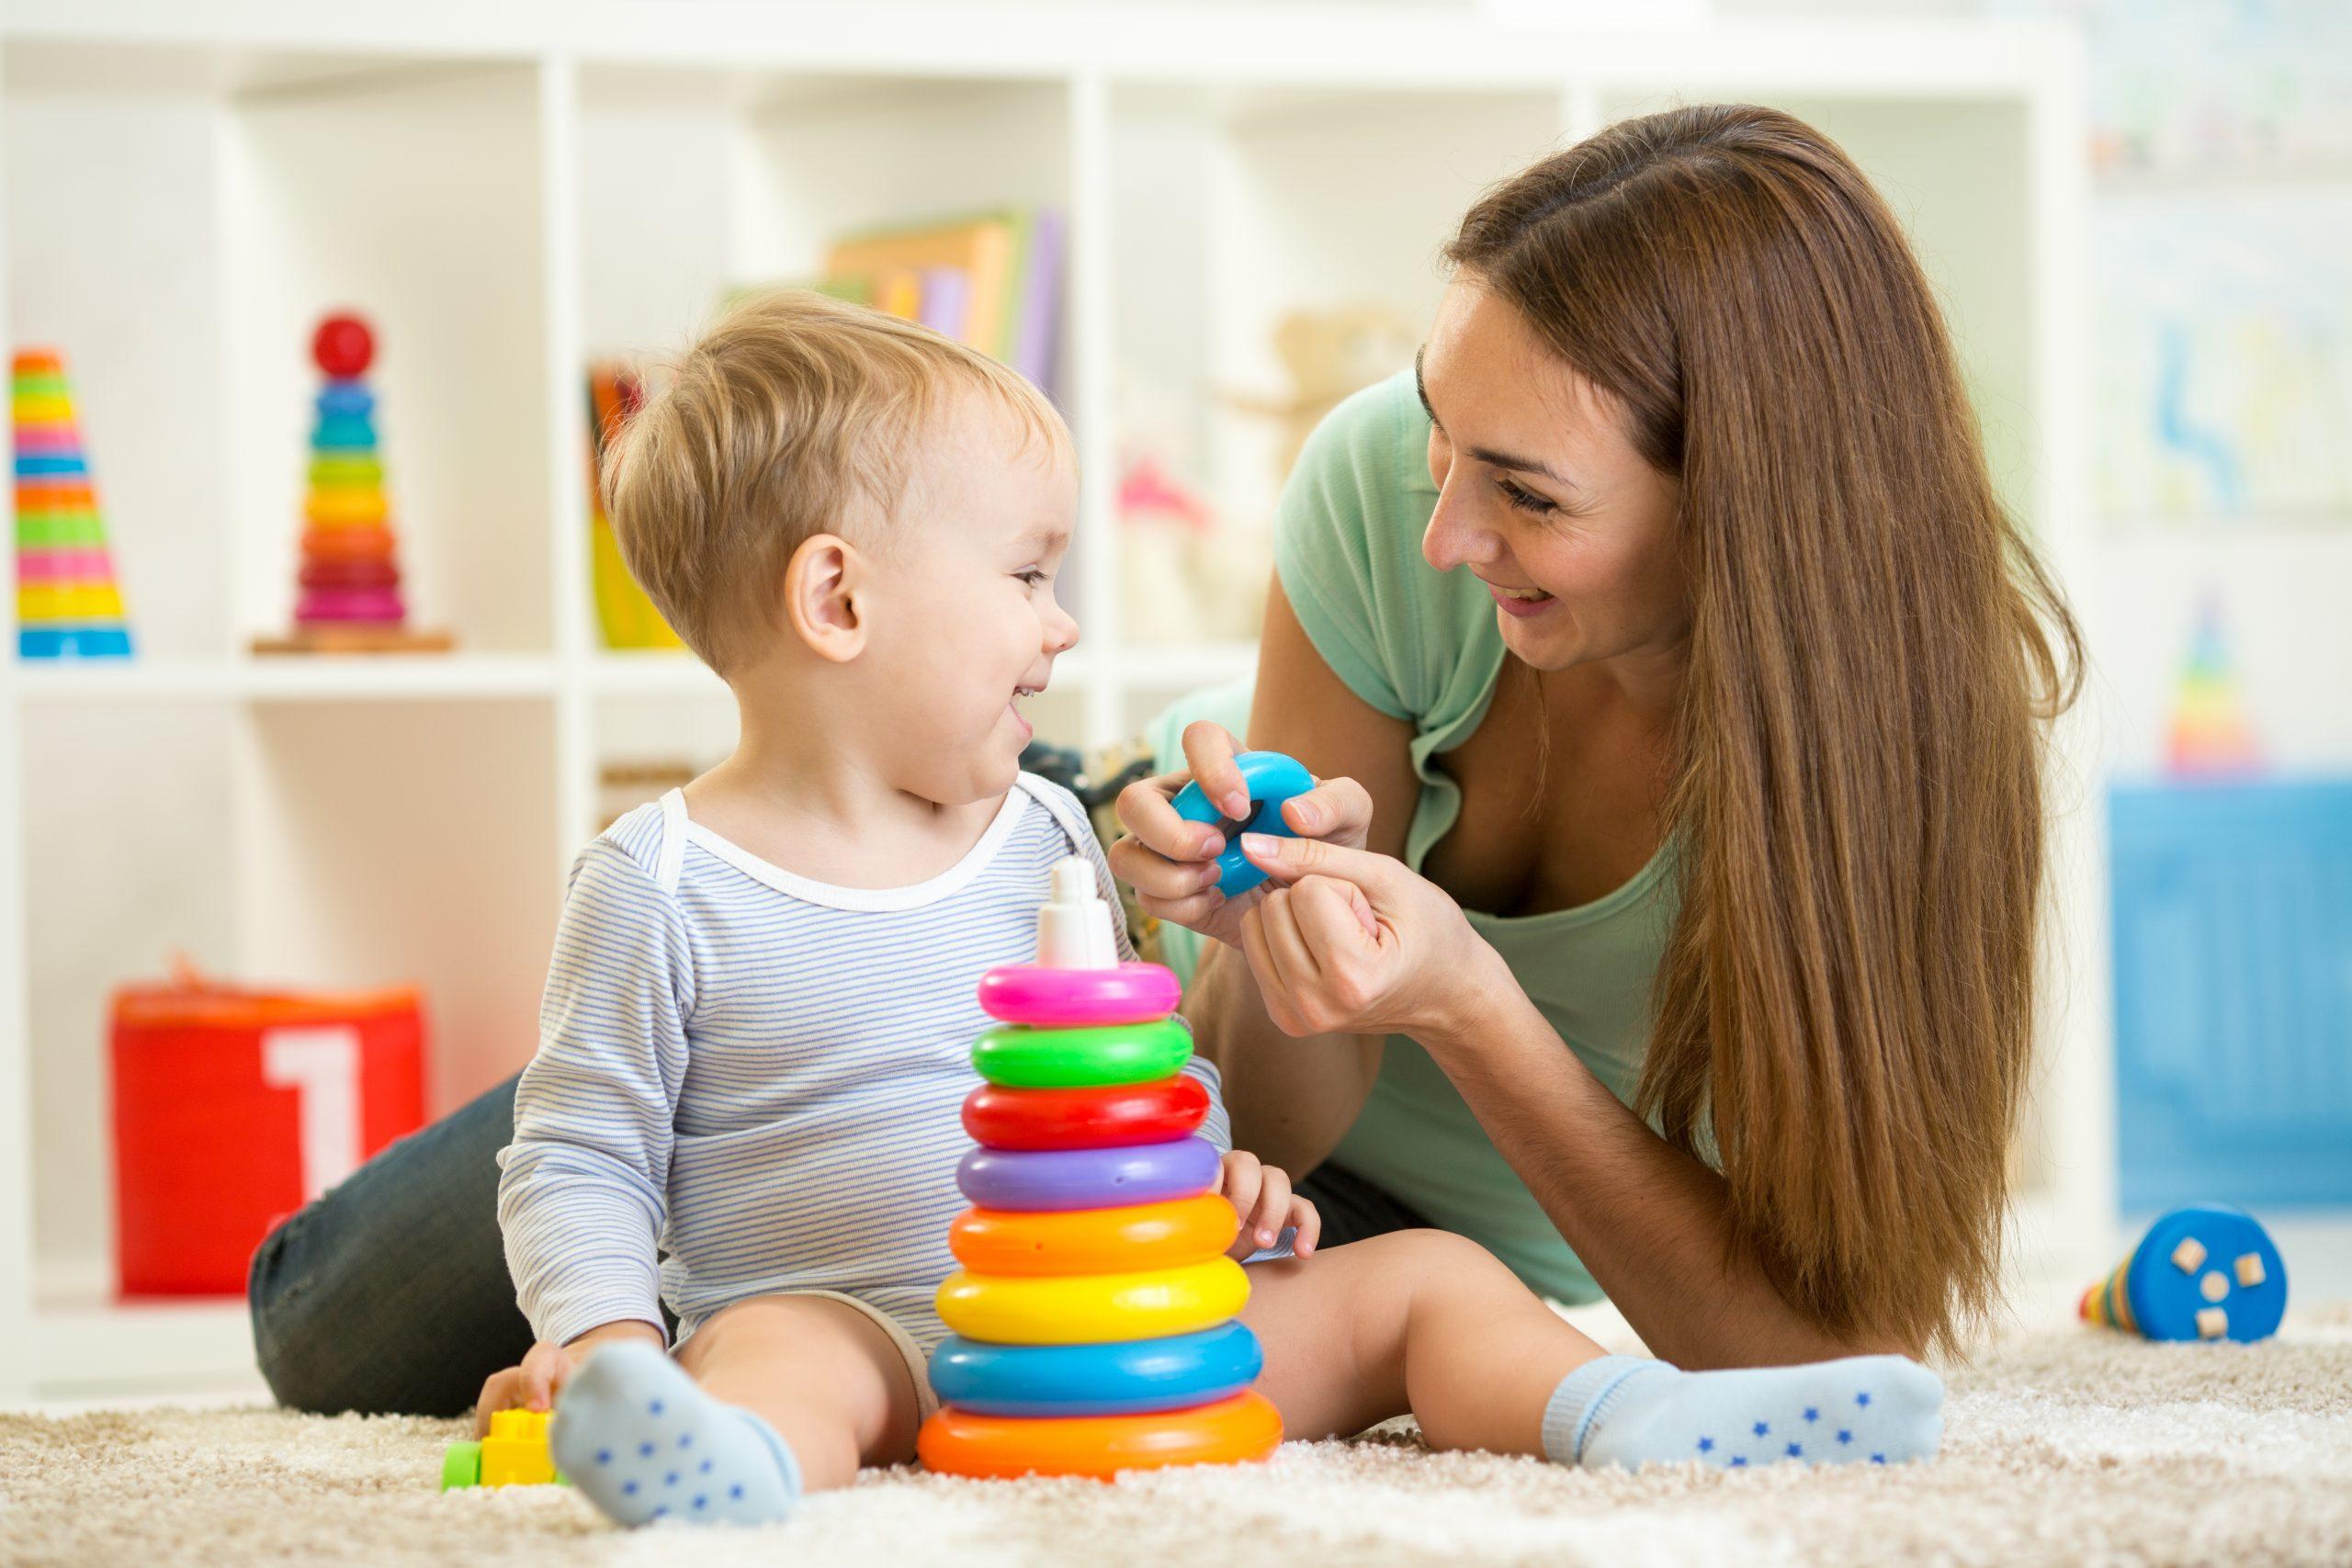 Une nouvelle convention d'assistant(e) maternel(le) entrera en vigueur le 1er janvier 2022.